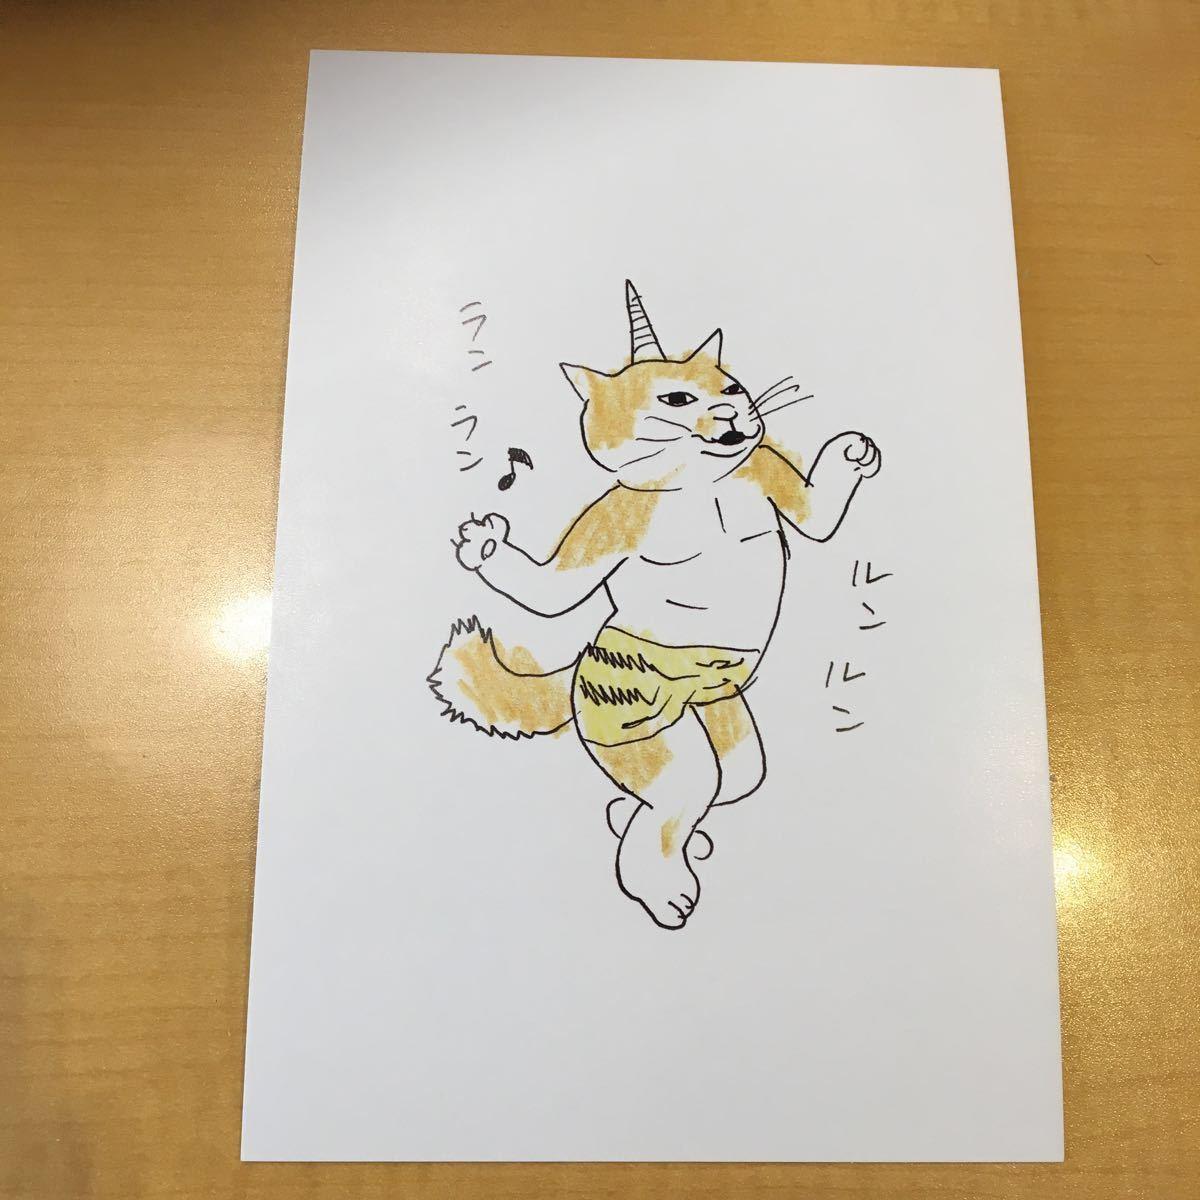 ヒグチユウコ ネコ ポストカード 葉書 ハガキ はがき メッセージカード 猫 ねこ 動物 35_画像1